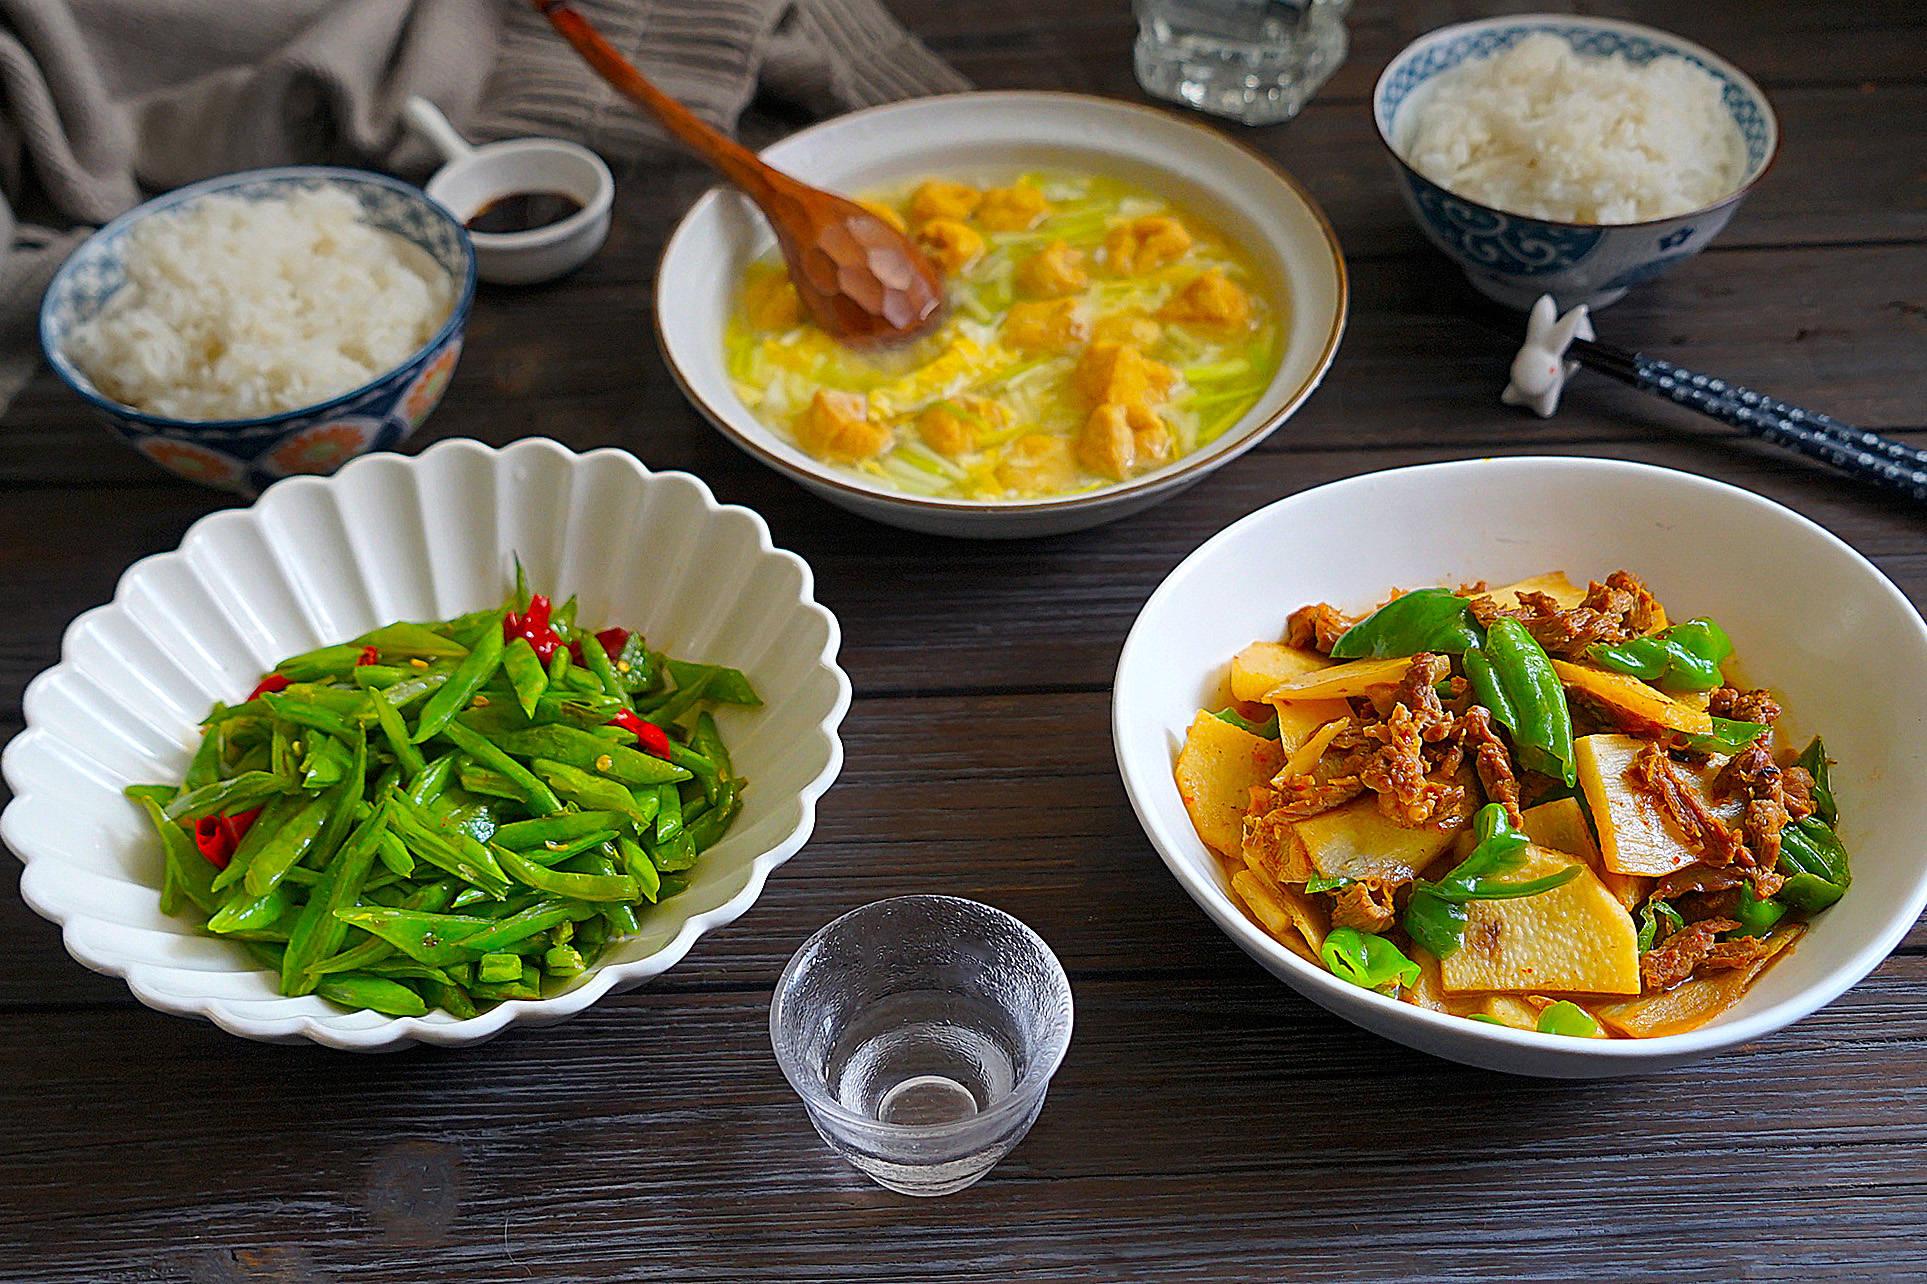 上大学的女儿又下厨了,午餐做了两菜一汤,老公边吃边夸厨艺好